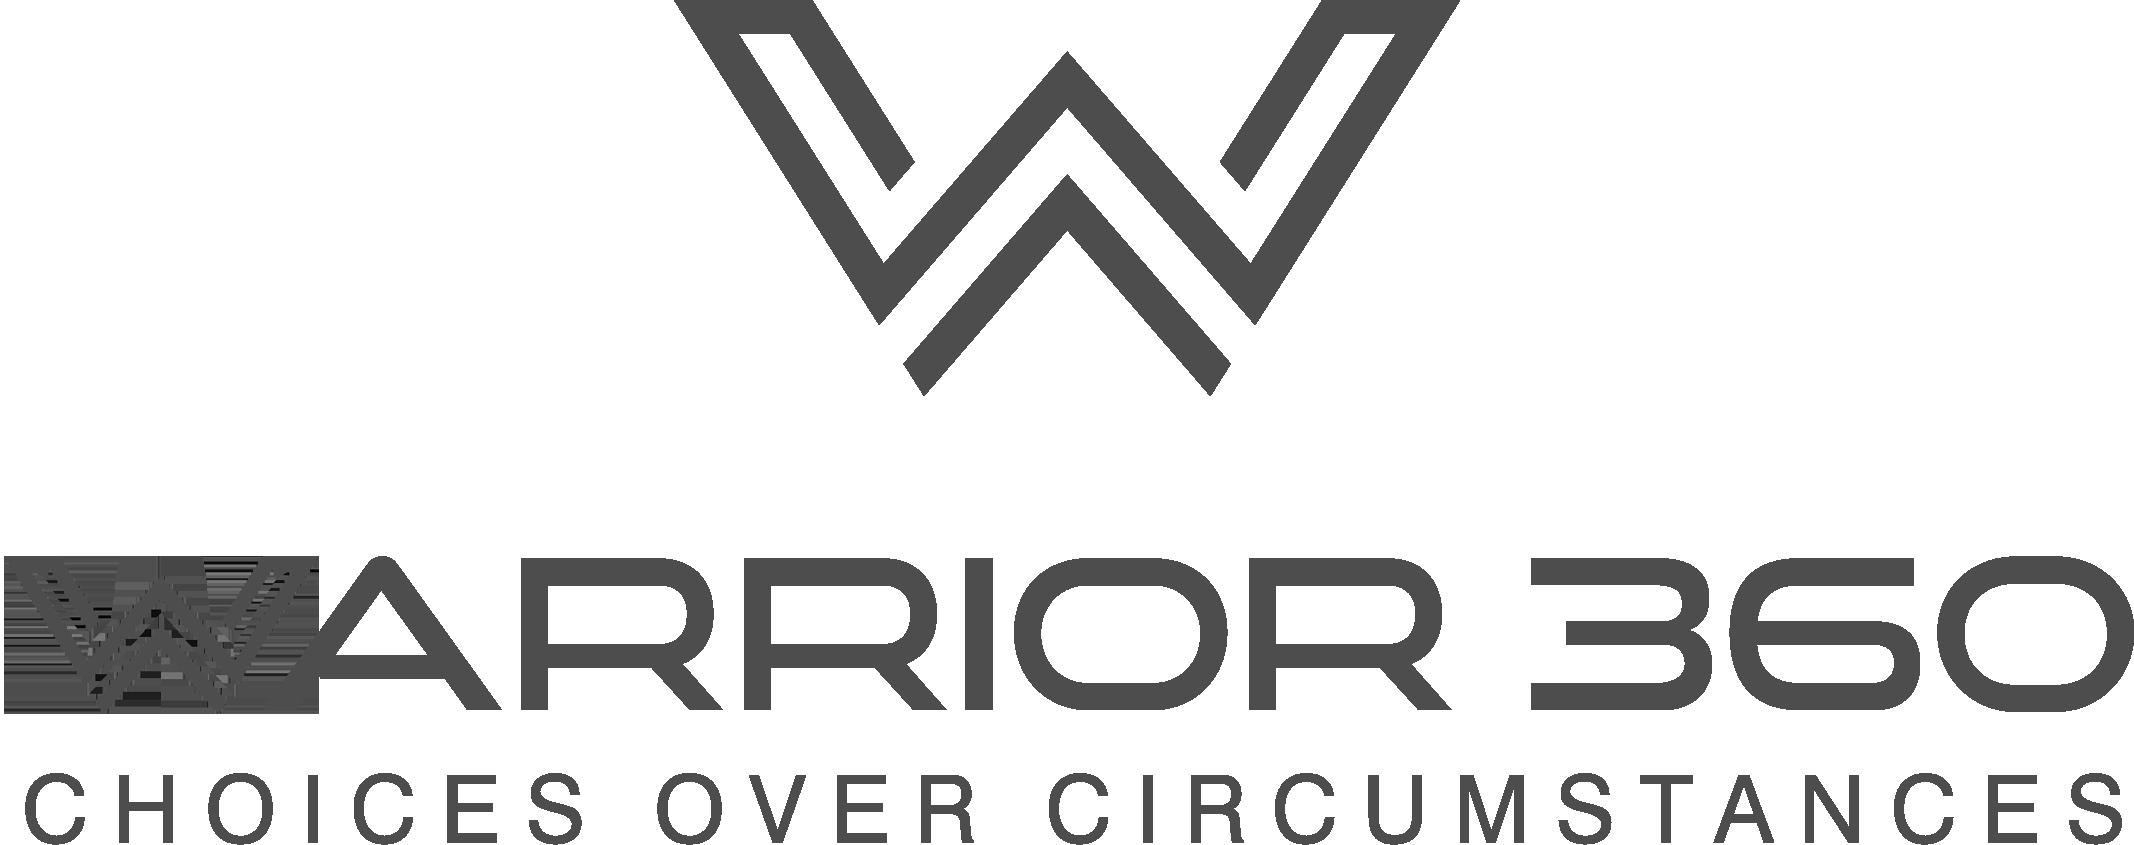 Warrior360logo